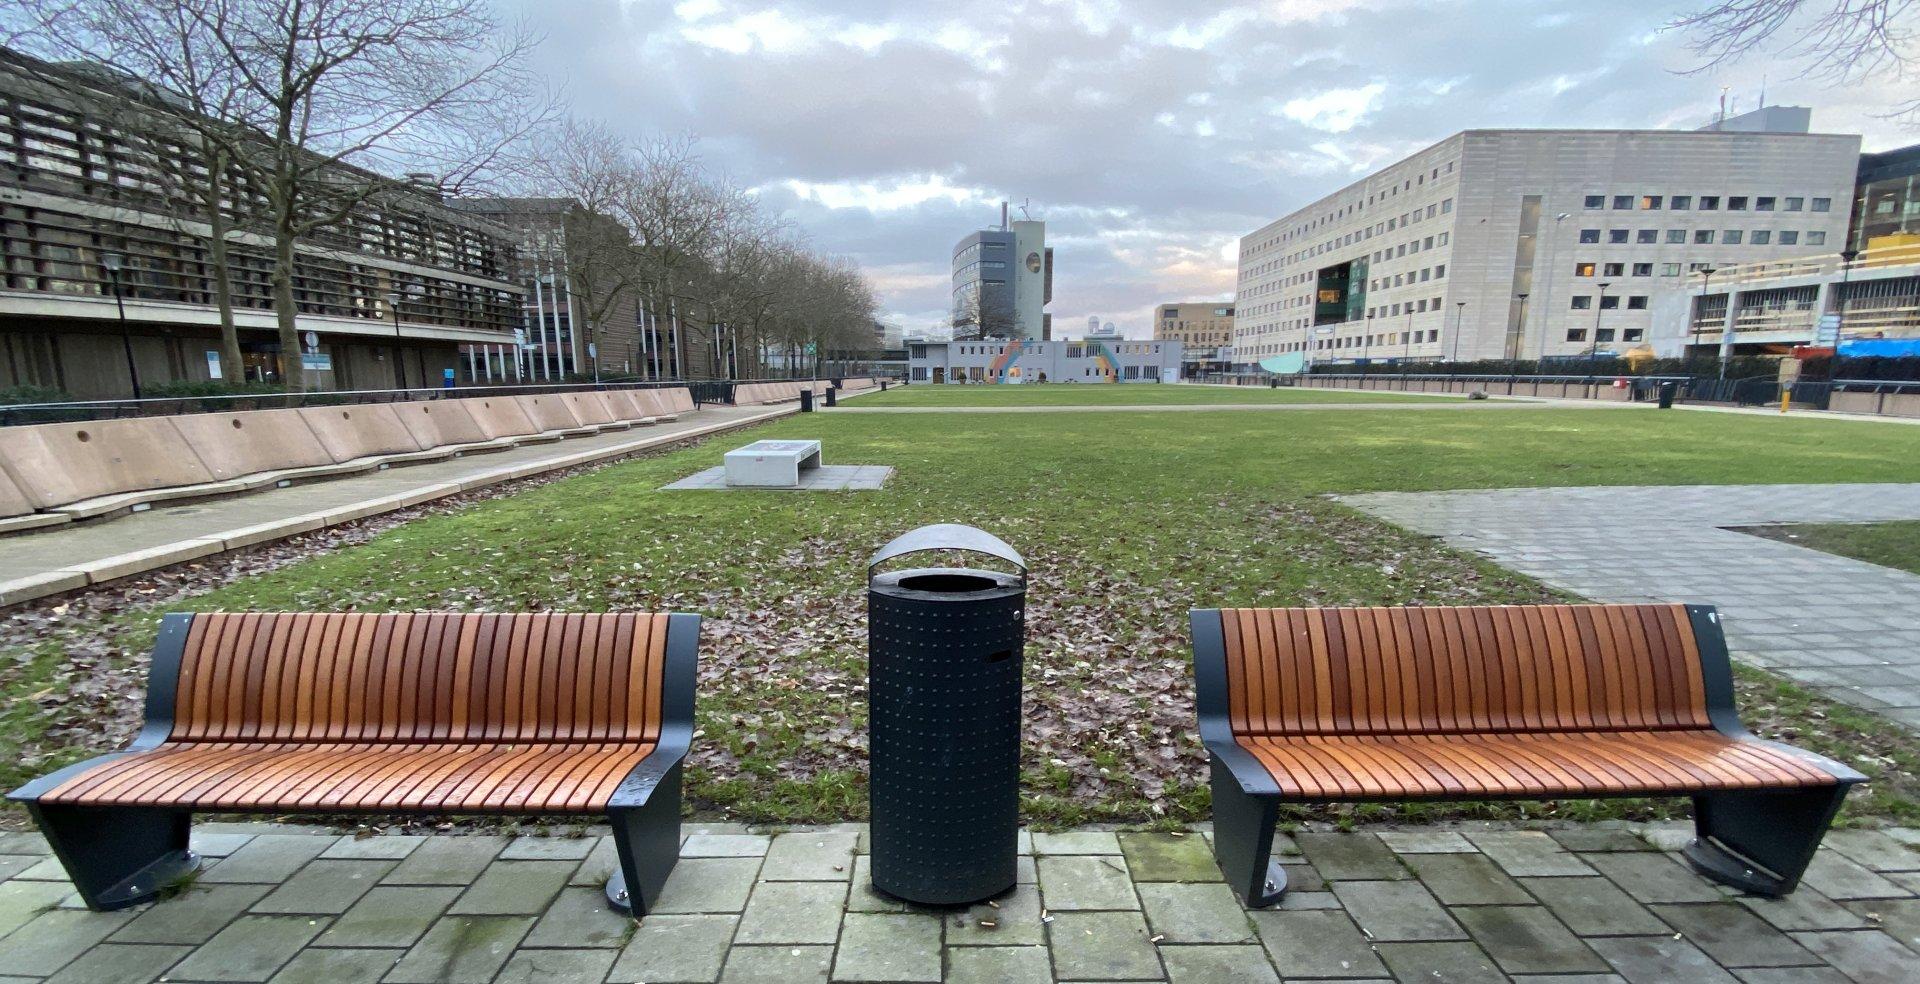 rt-arthurskm-speciaal-voor-wandelbankjes-en-walkersbenches-op-het-terrein-van-de-radboud-universiteit-in-nijmegen-6-https-t-co-cw